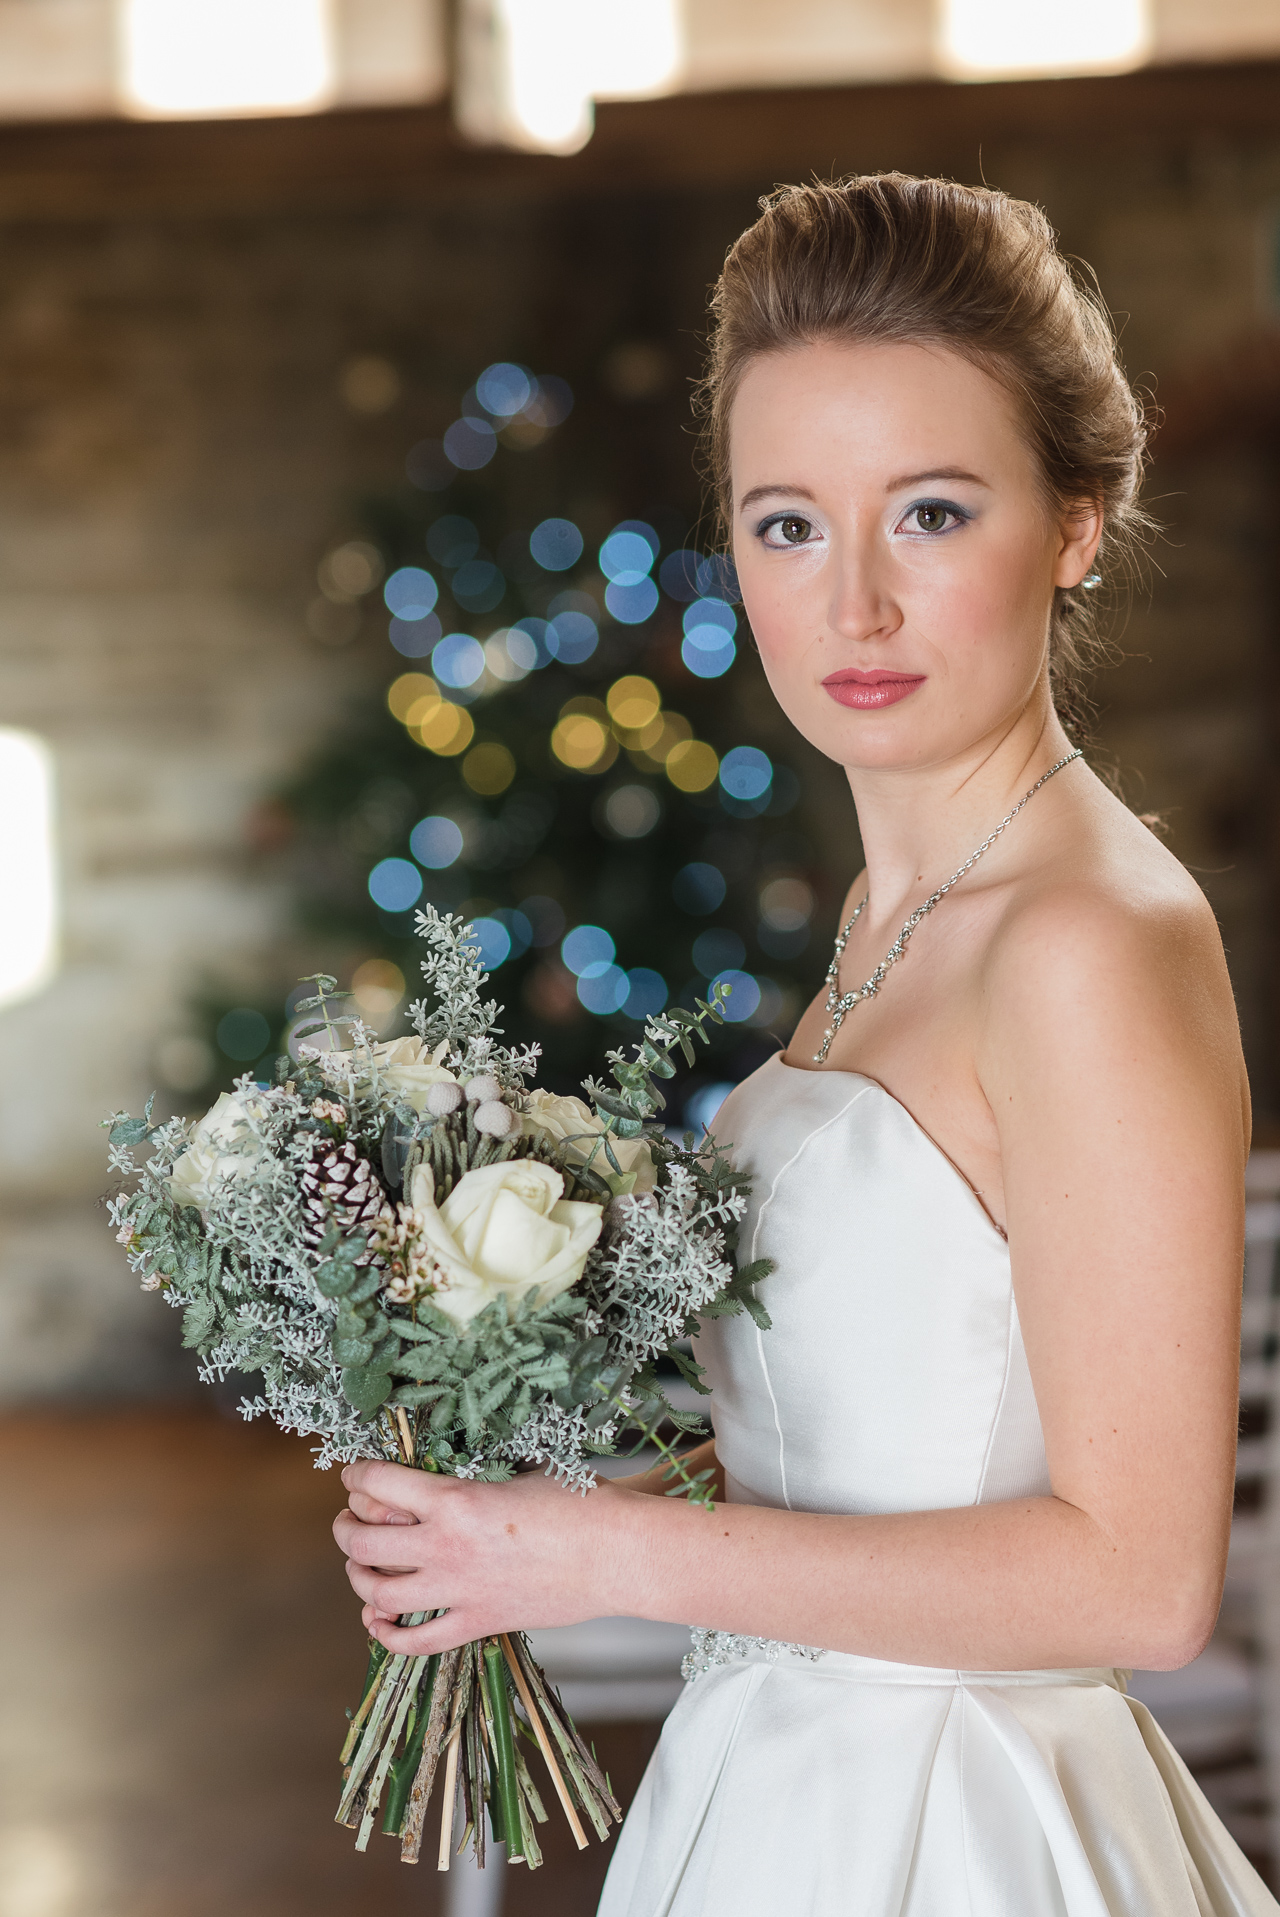 Christmas Bridal Photo Shoot | Oakhouse Photography